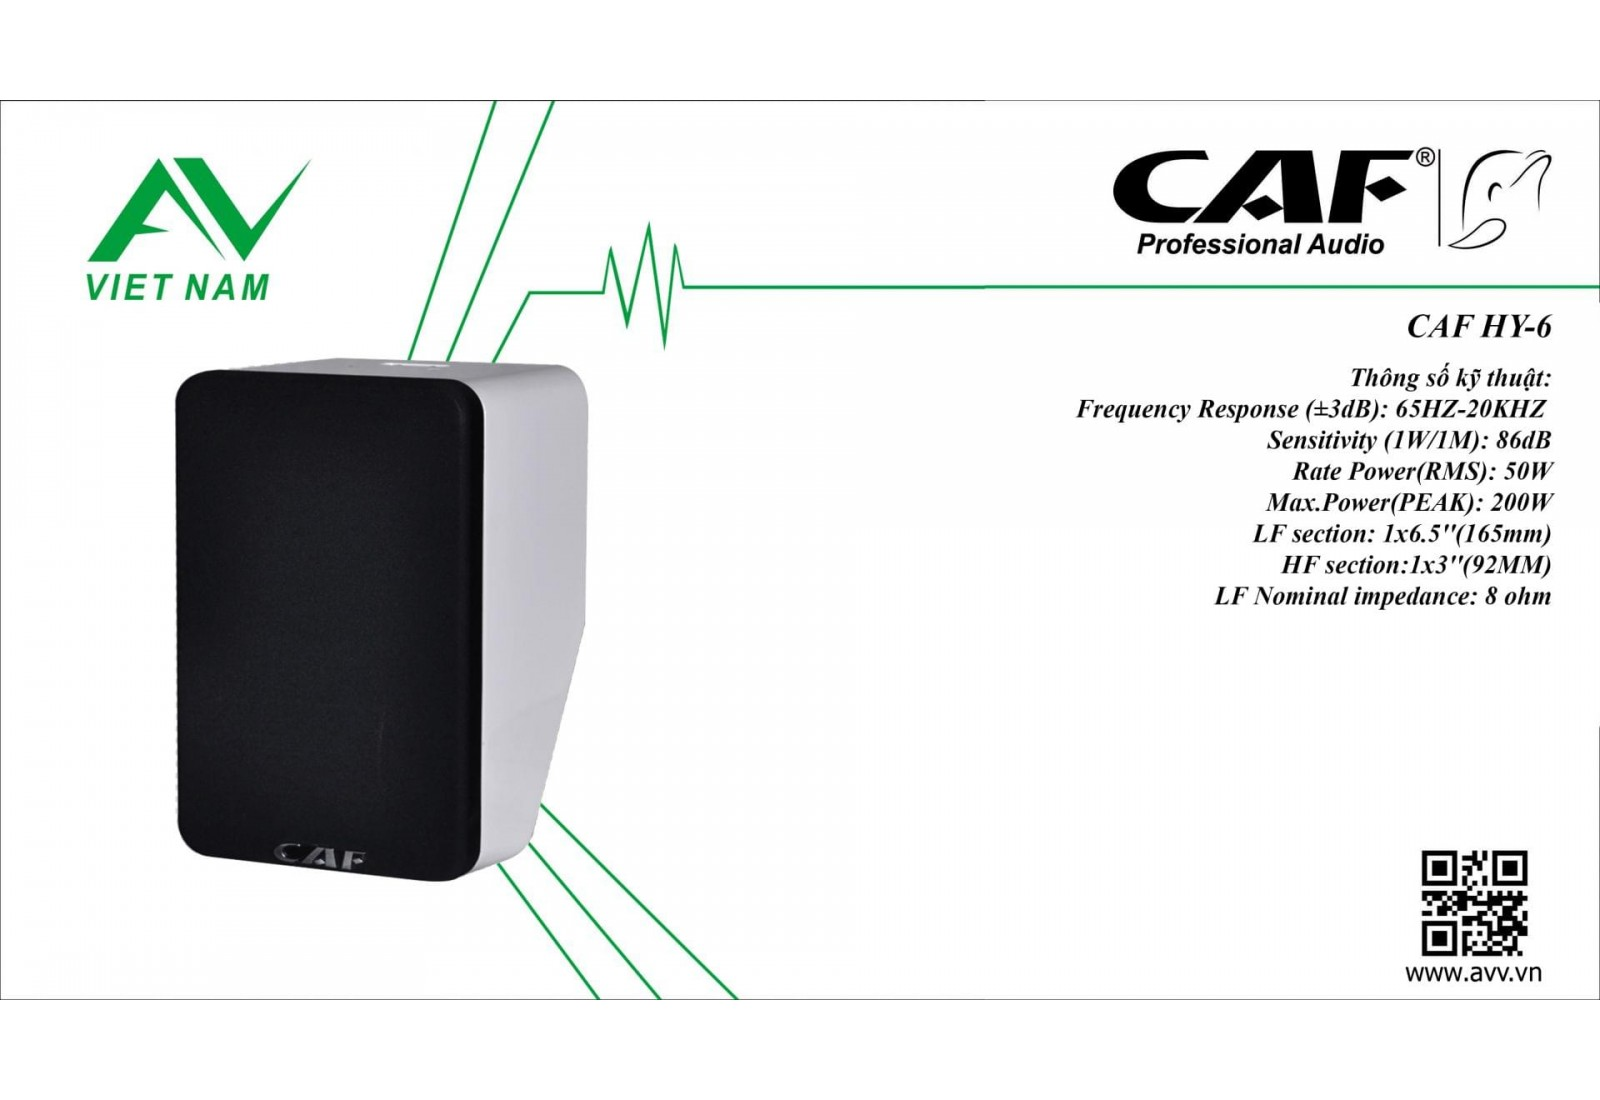 CAF HY-6